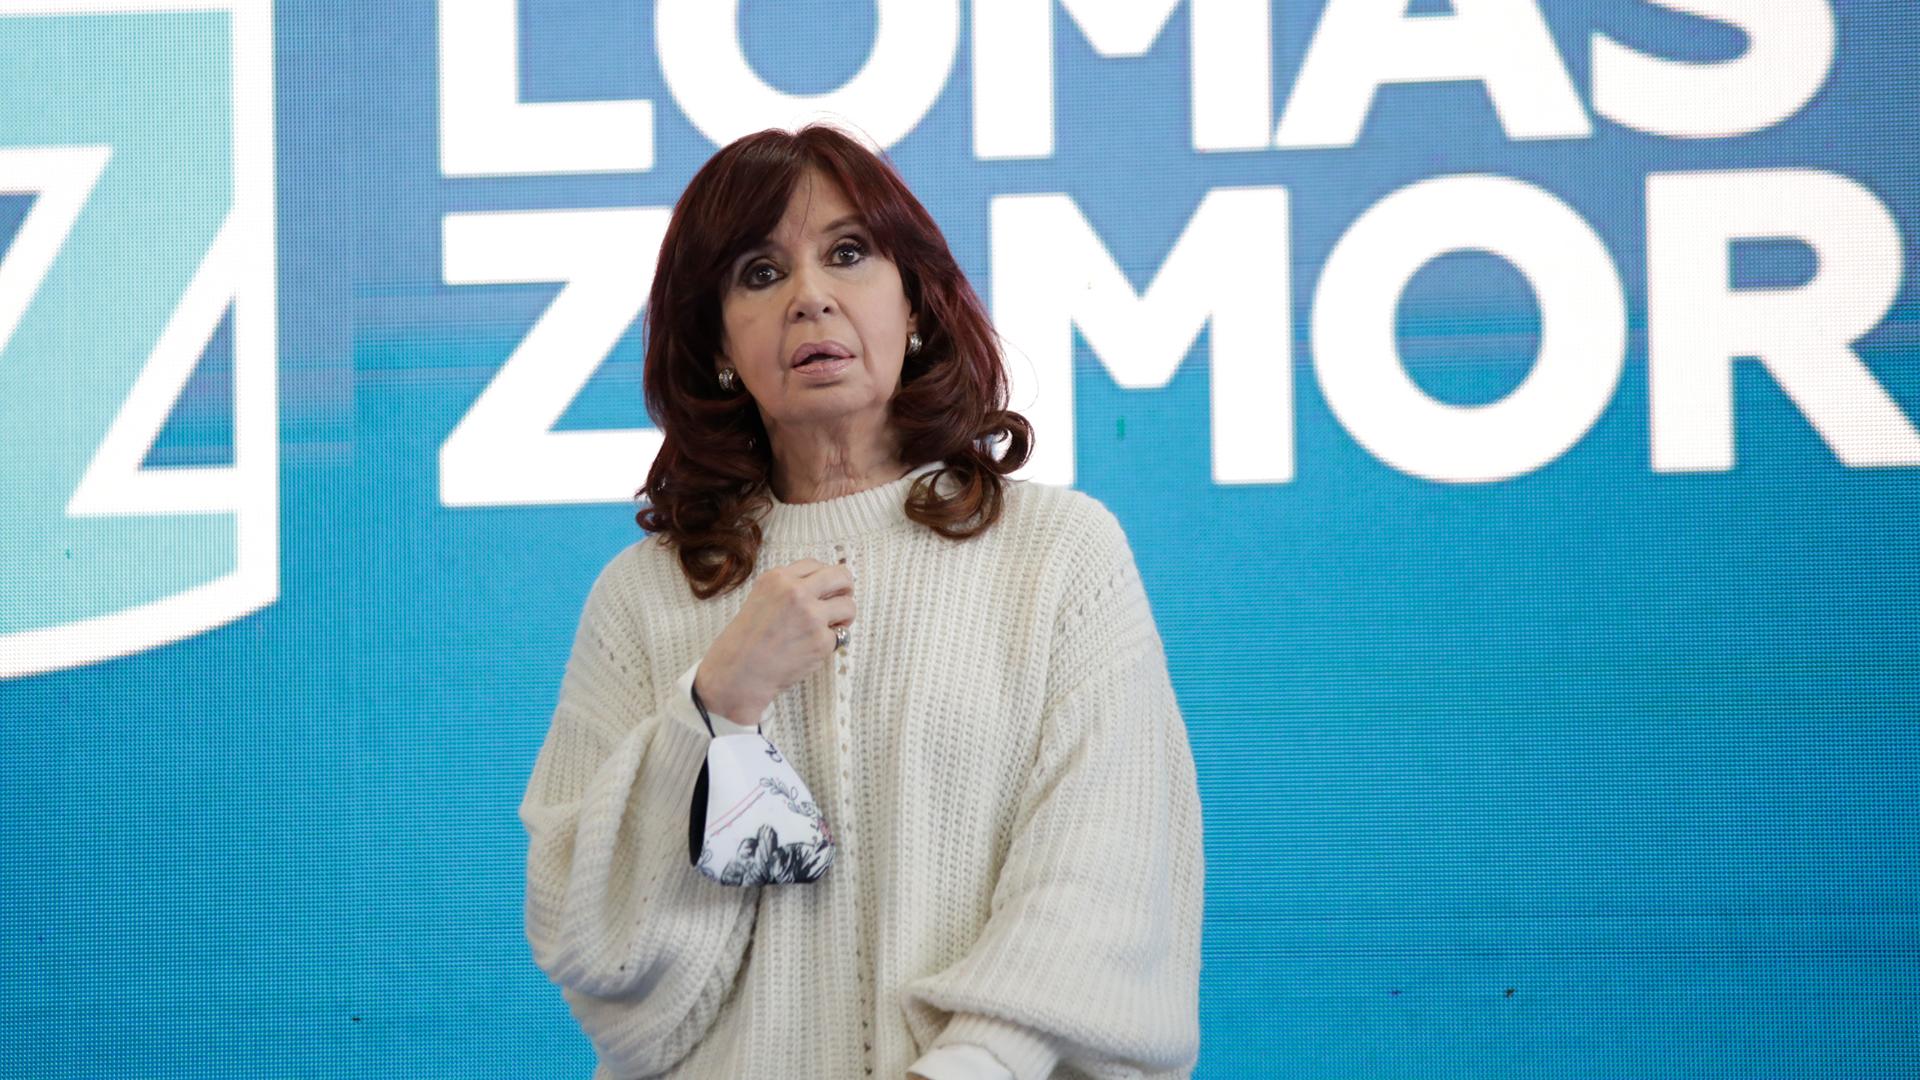 """Cristina Kirchner rompió el silencio: """"No soy yo la que está jaqueando al Presidente, es el resultado de la elección y la realidad"""""""